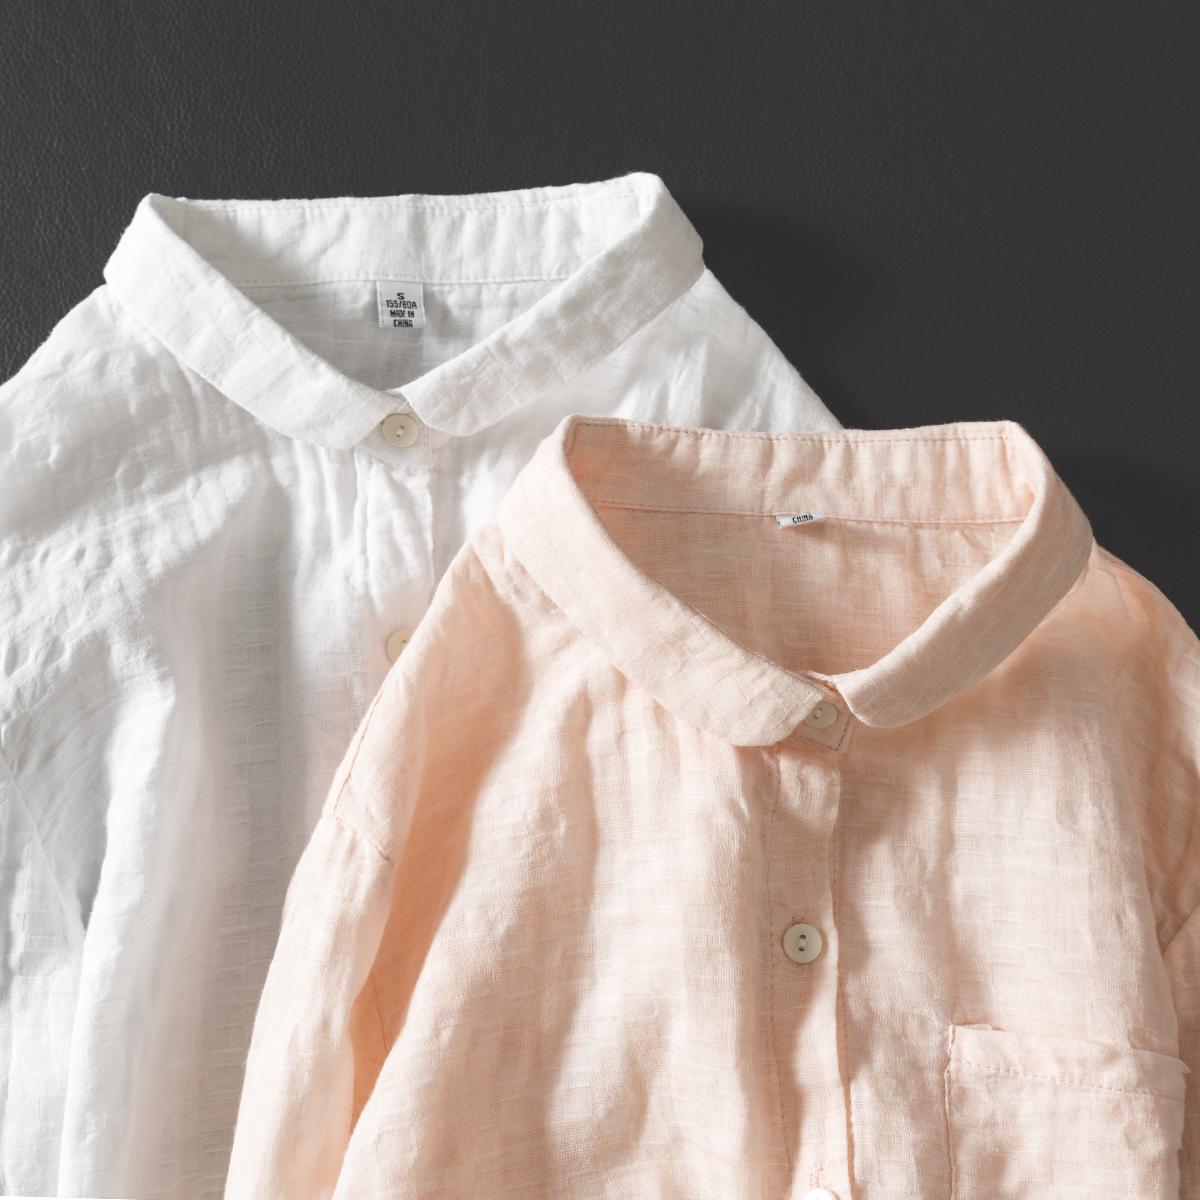 双层棉纱衬衫女全棉衬衣长袖泡泡格子娃娃领长袖打底上衣薄款夏季